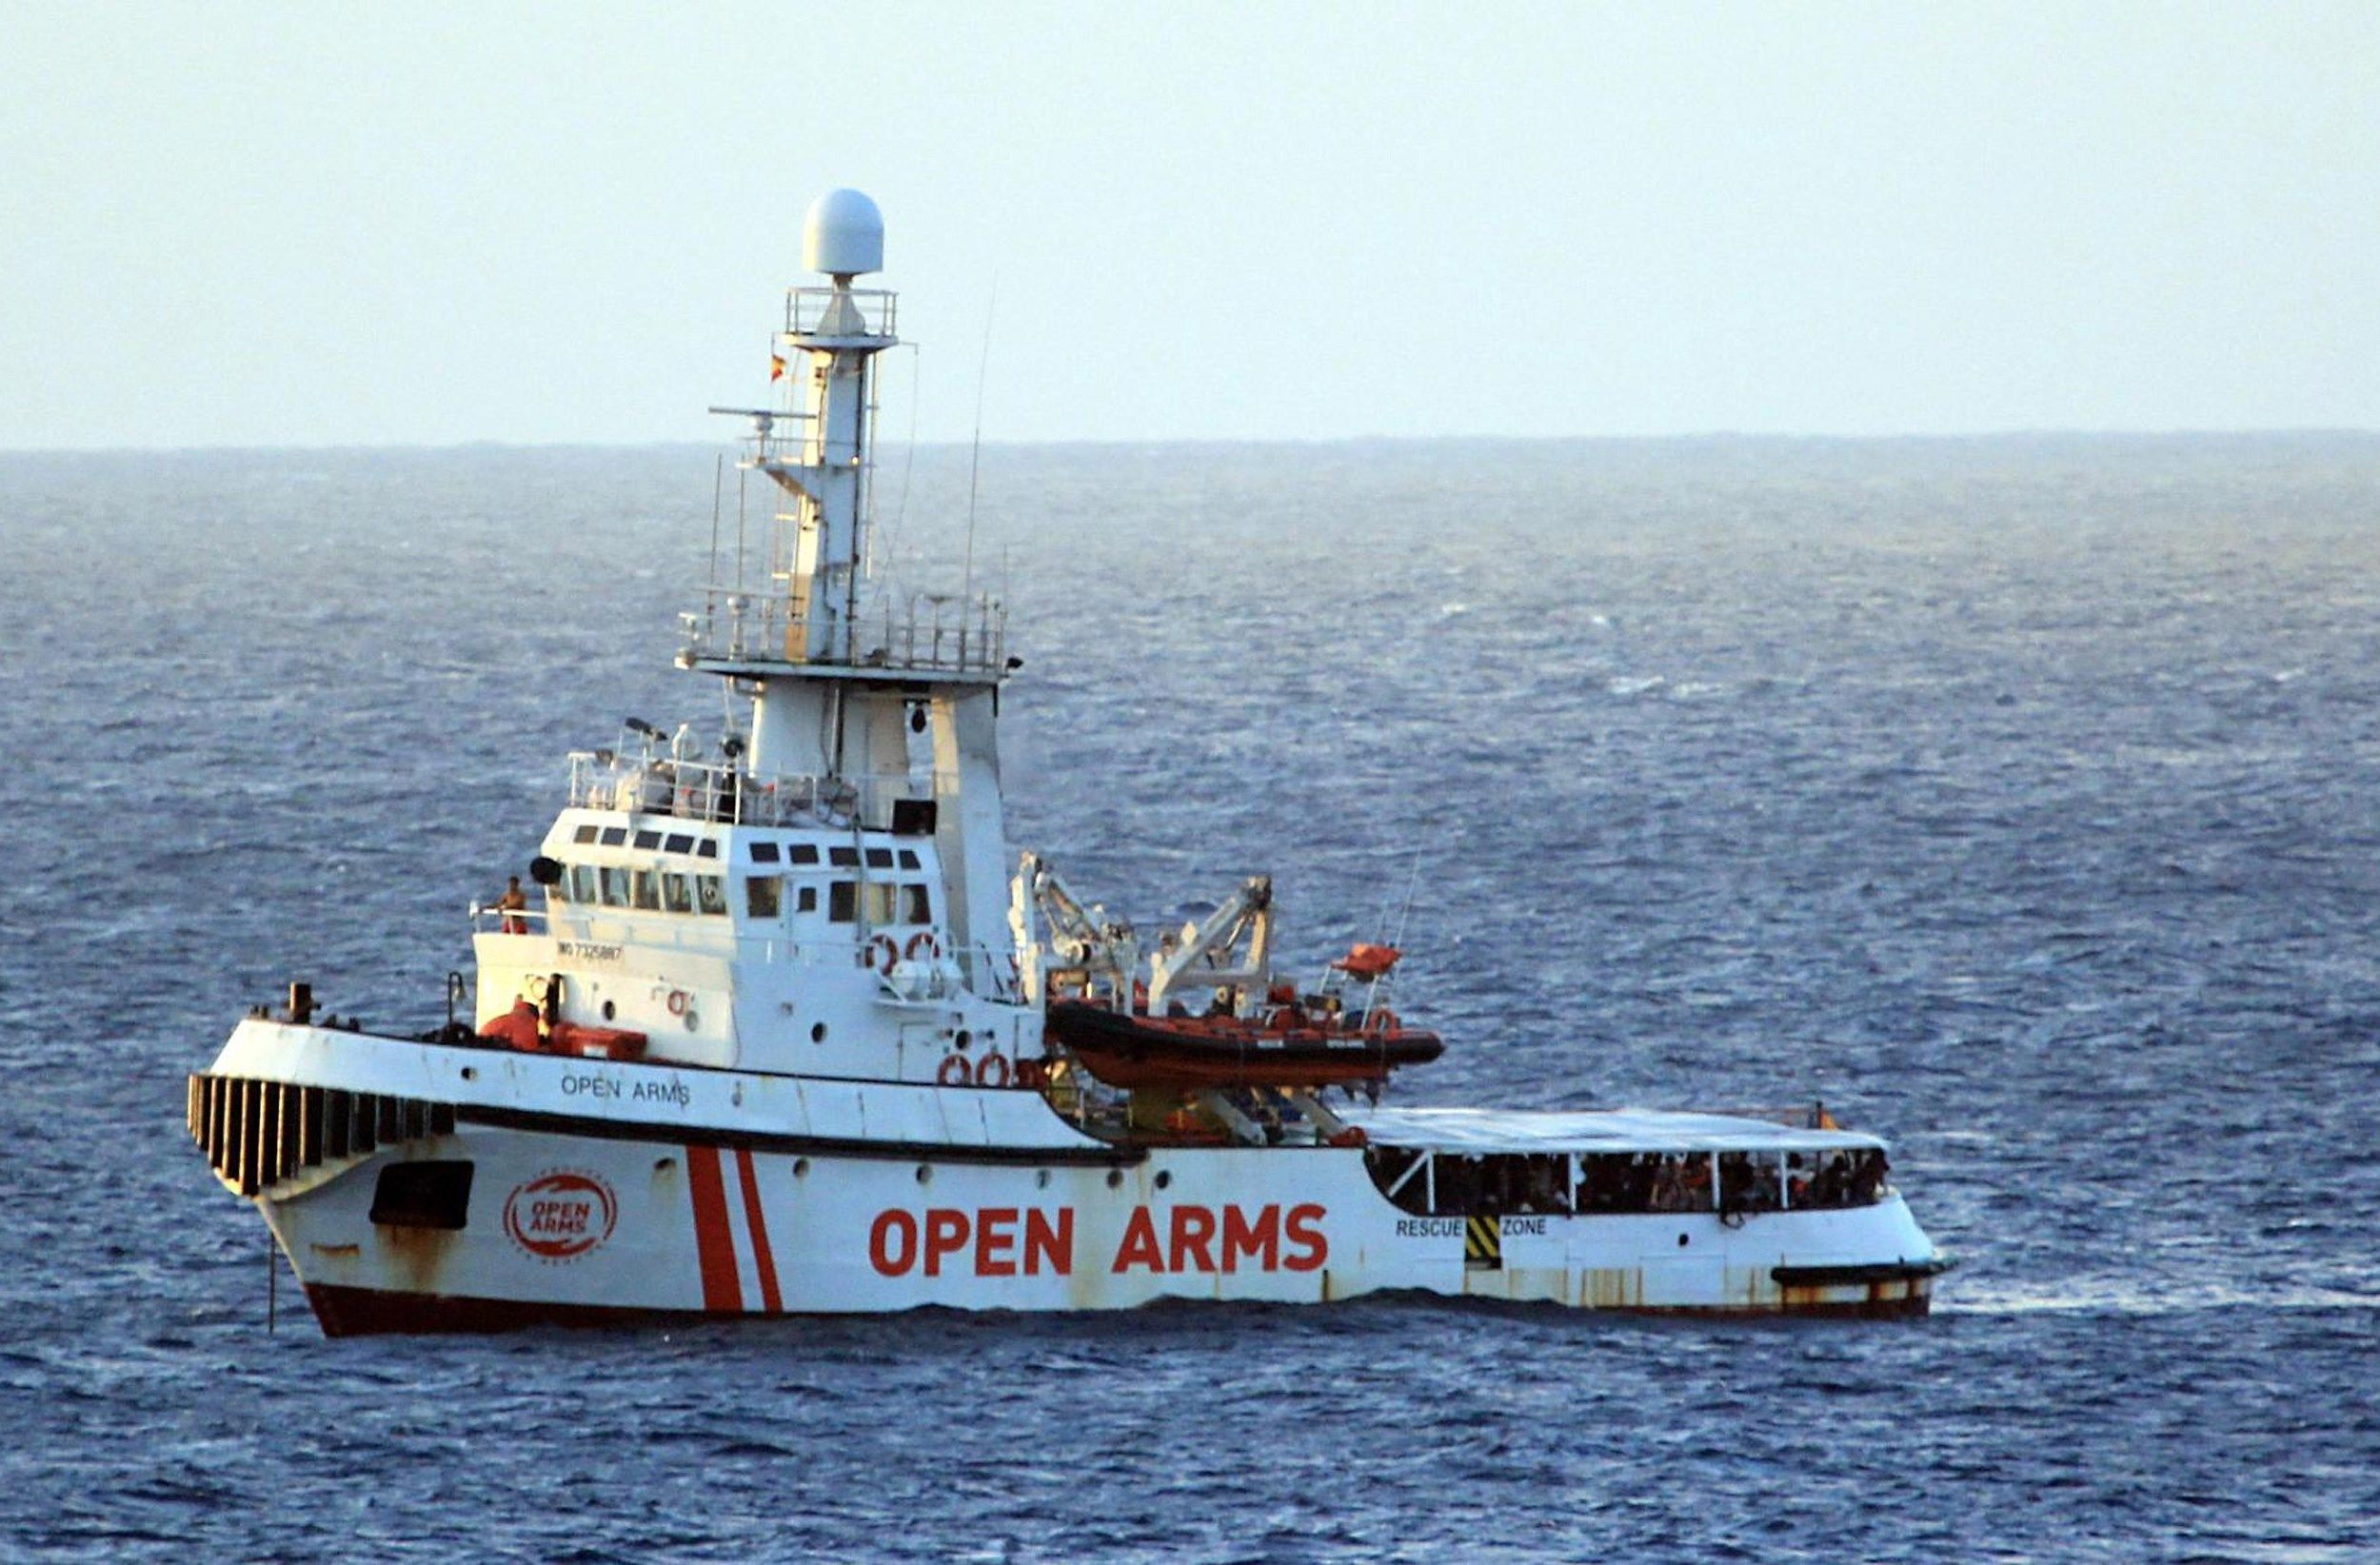 Una vista del barco humanitario español Open Arms. (Foto: EFE)